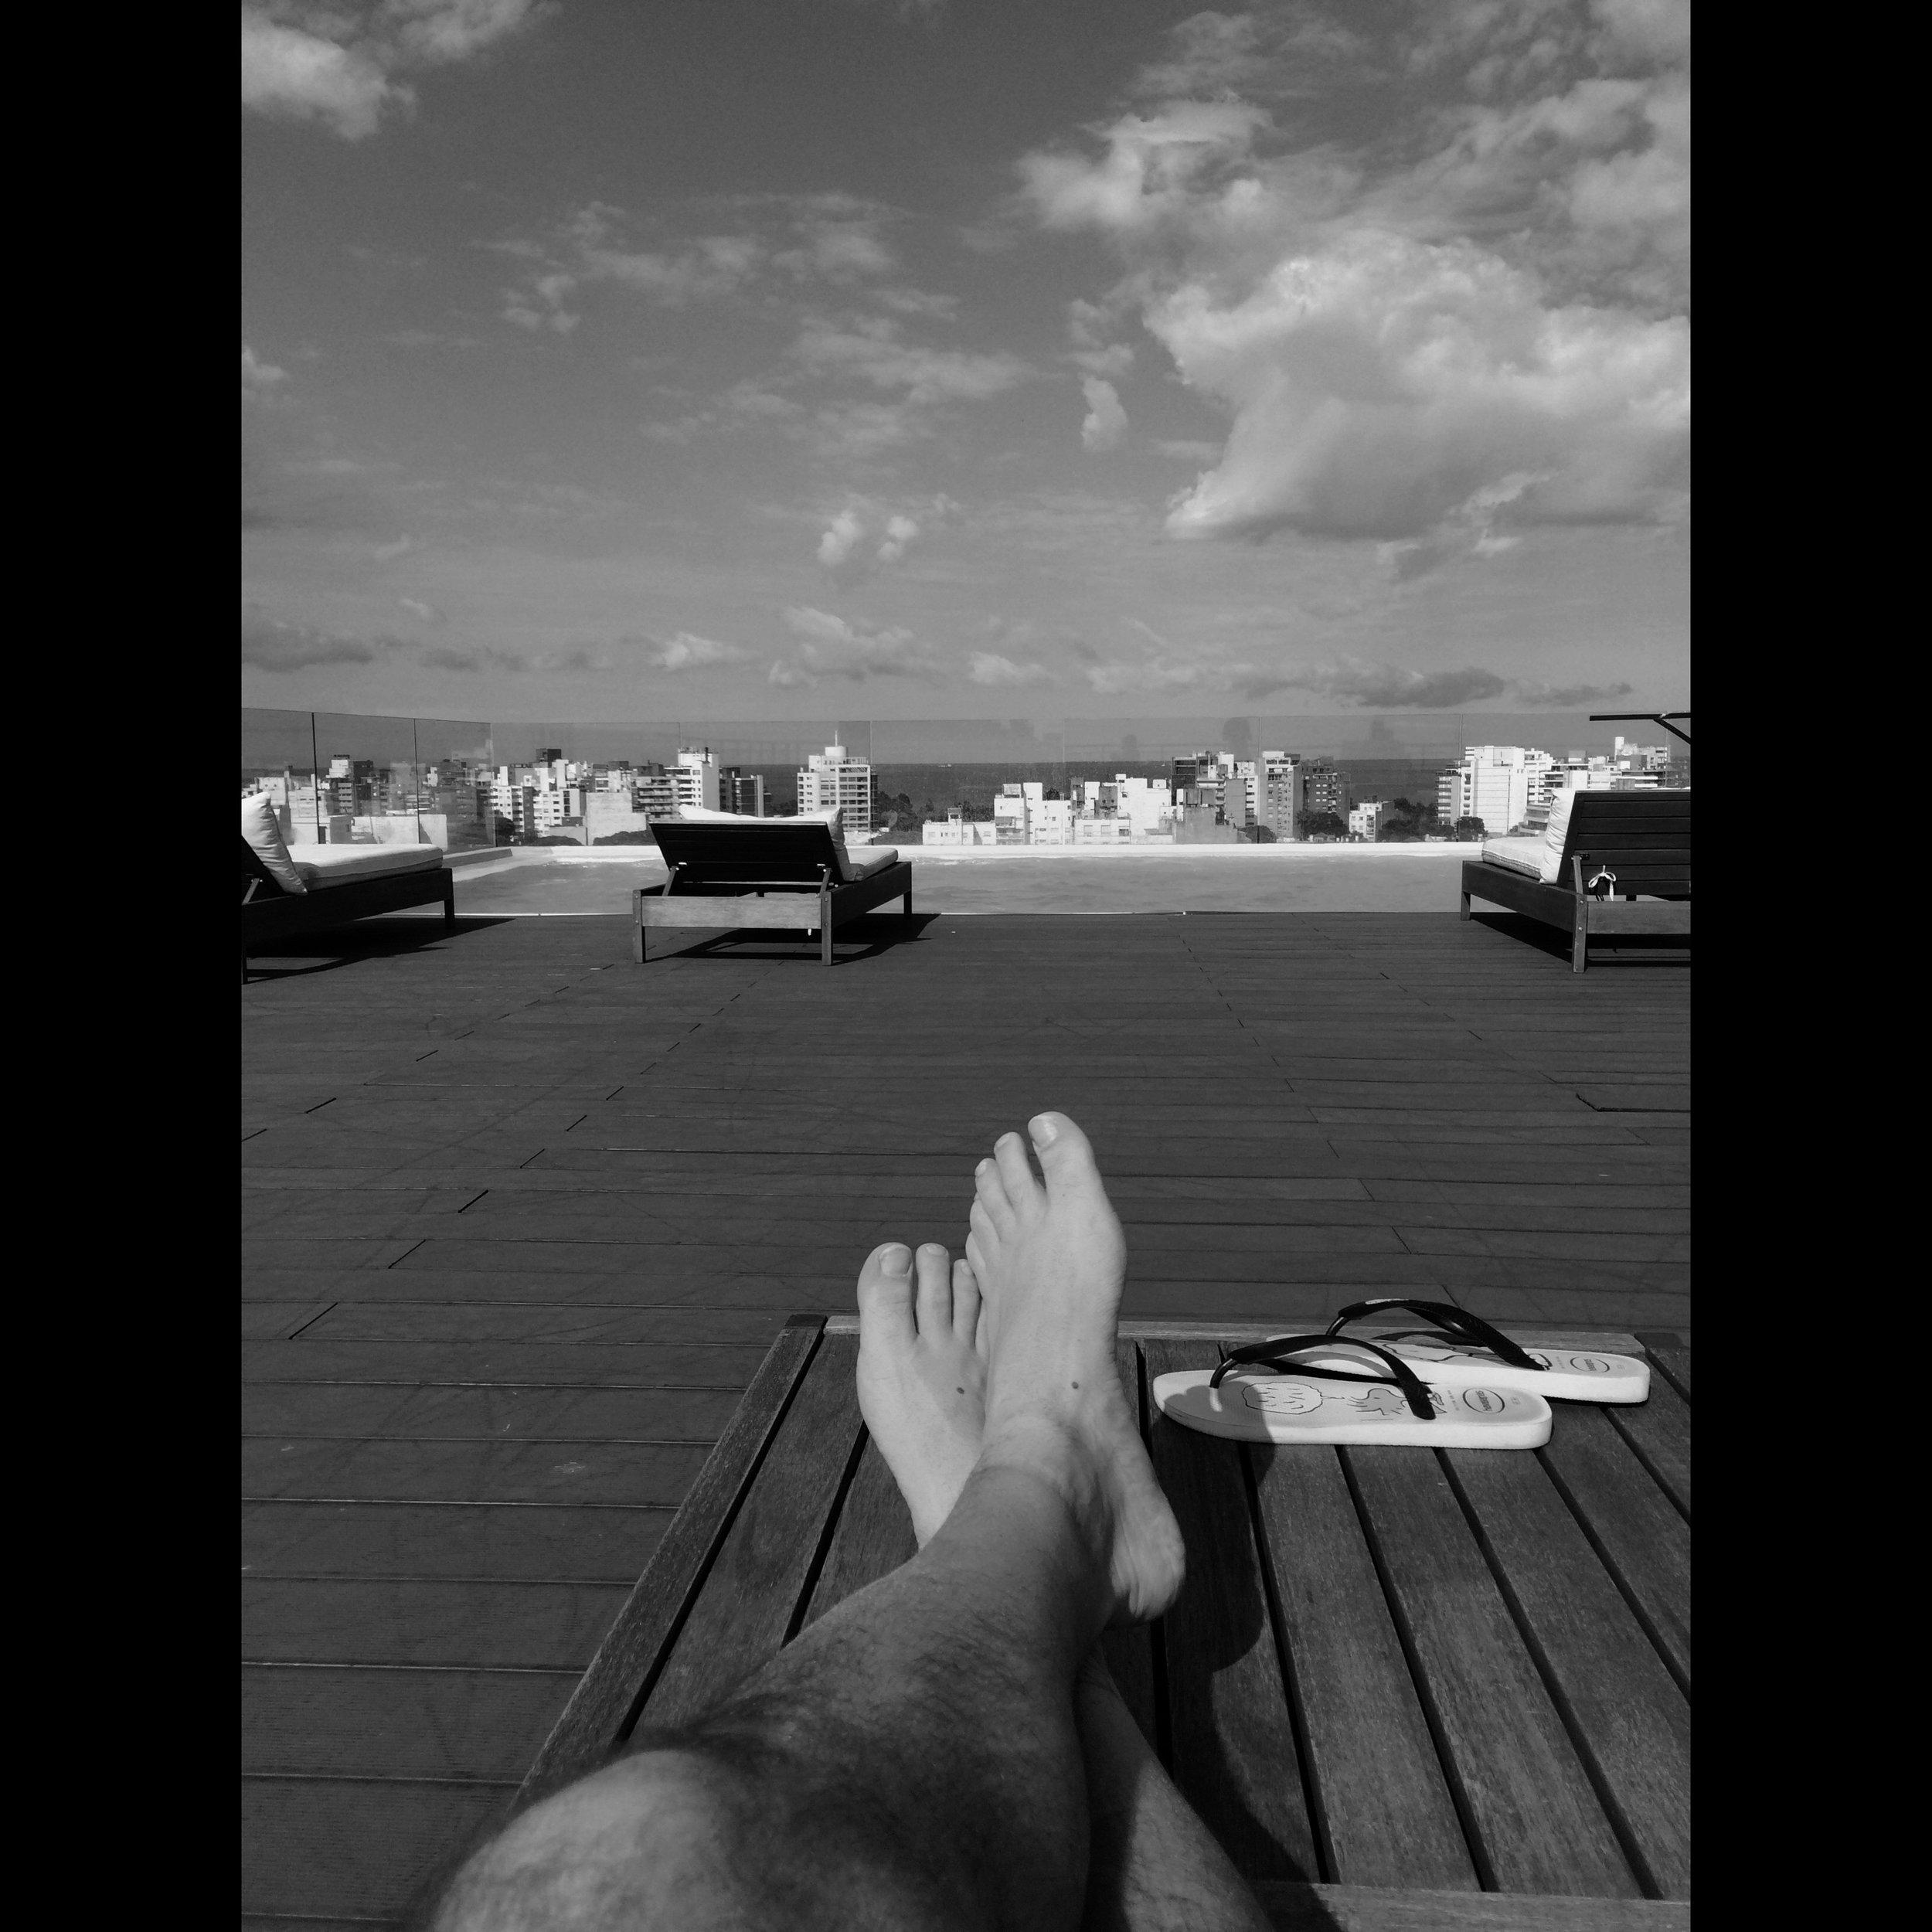 Hotel rooftop Pool - Montevideo, Uruguay